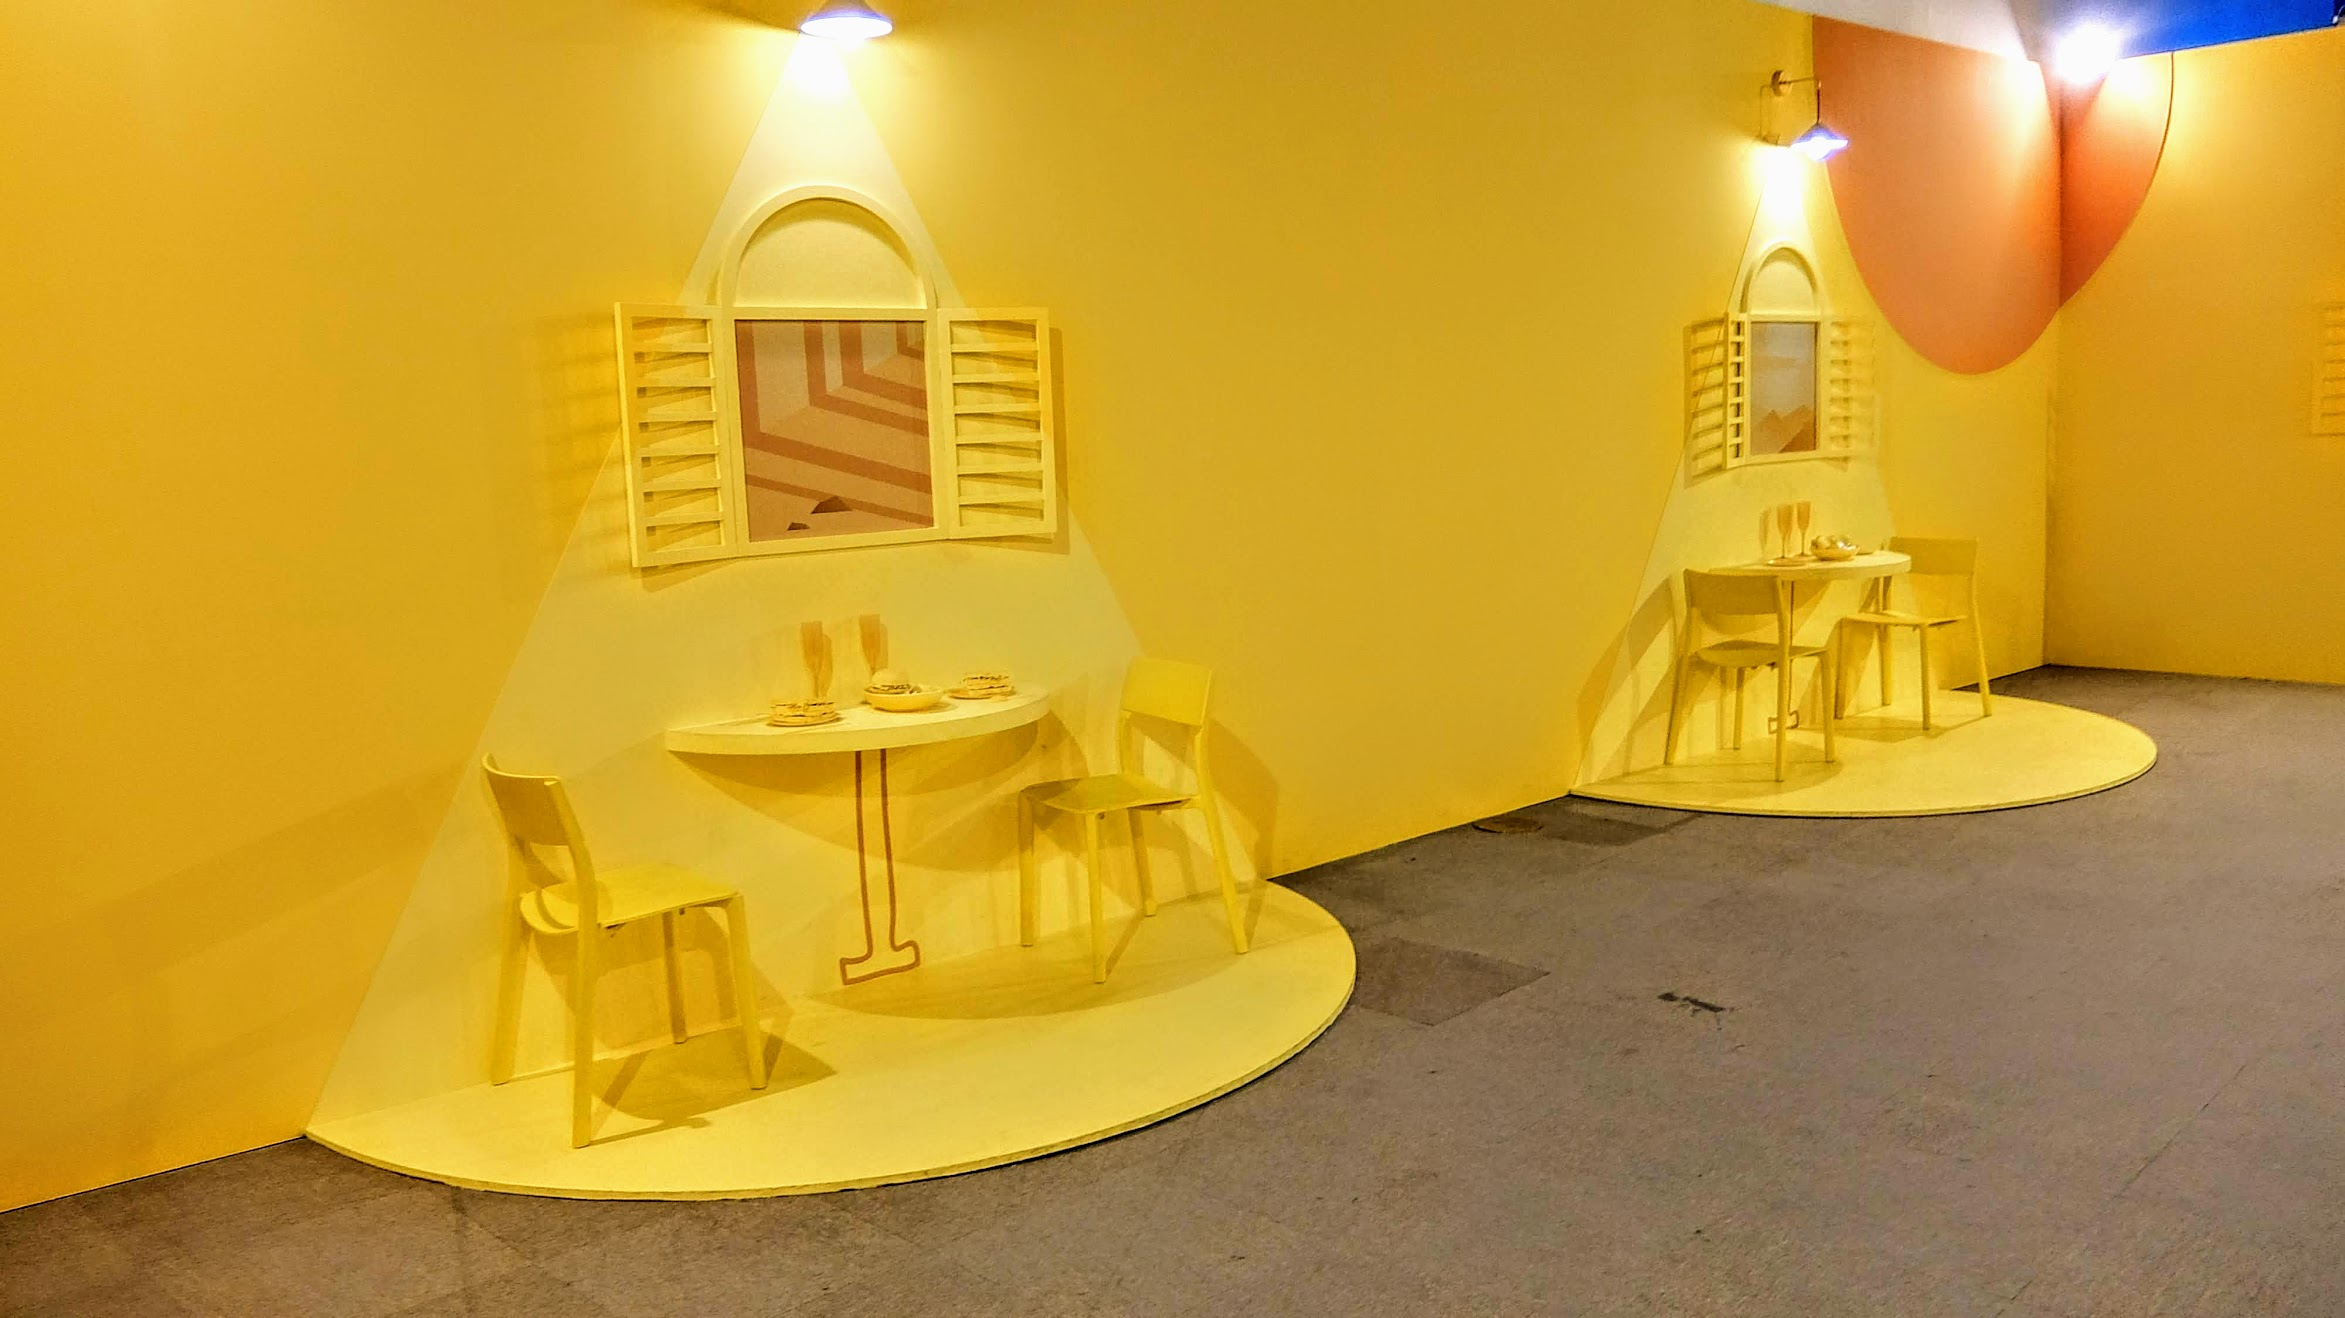 第四關,活力滿點的早餐店! 不過我覺得顏色搭起來比較像是下午茶